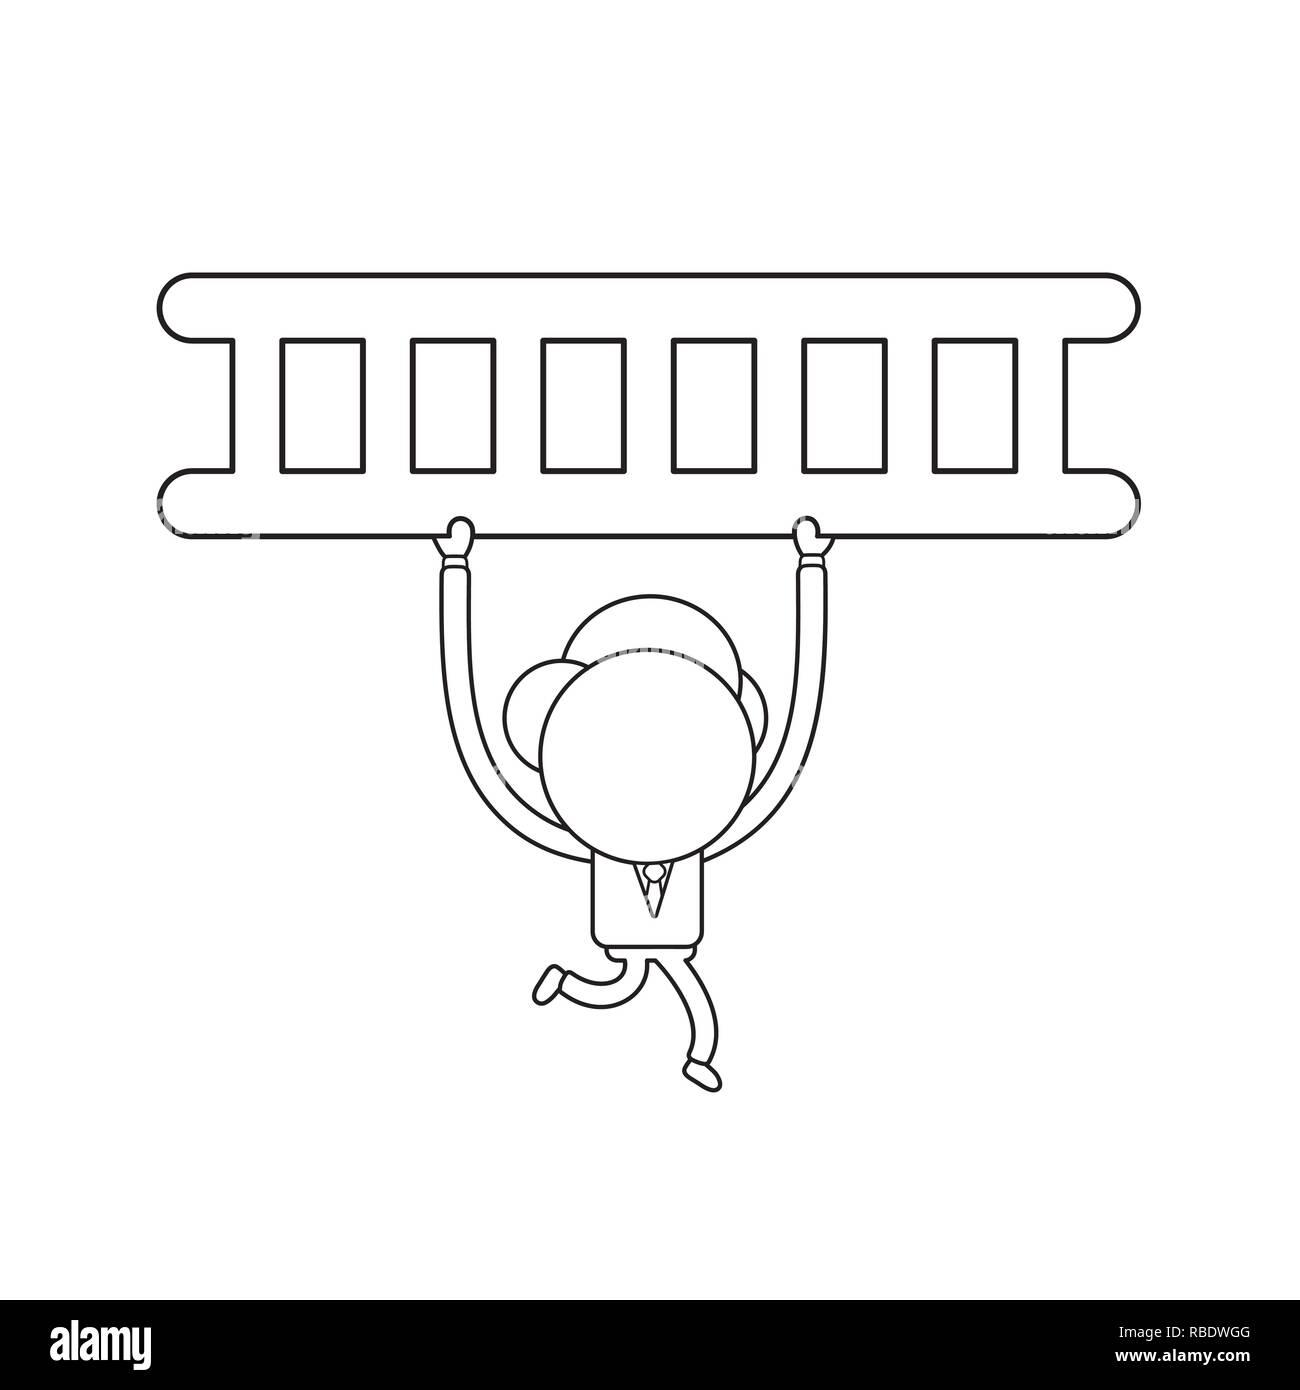 6f712c8e7e Ilustración vectorial concepto de empresario personaje ejecutando y llevando  a la escalera. Contorno negro.